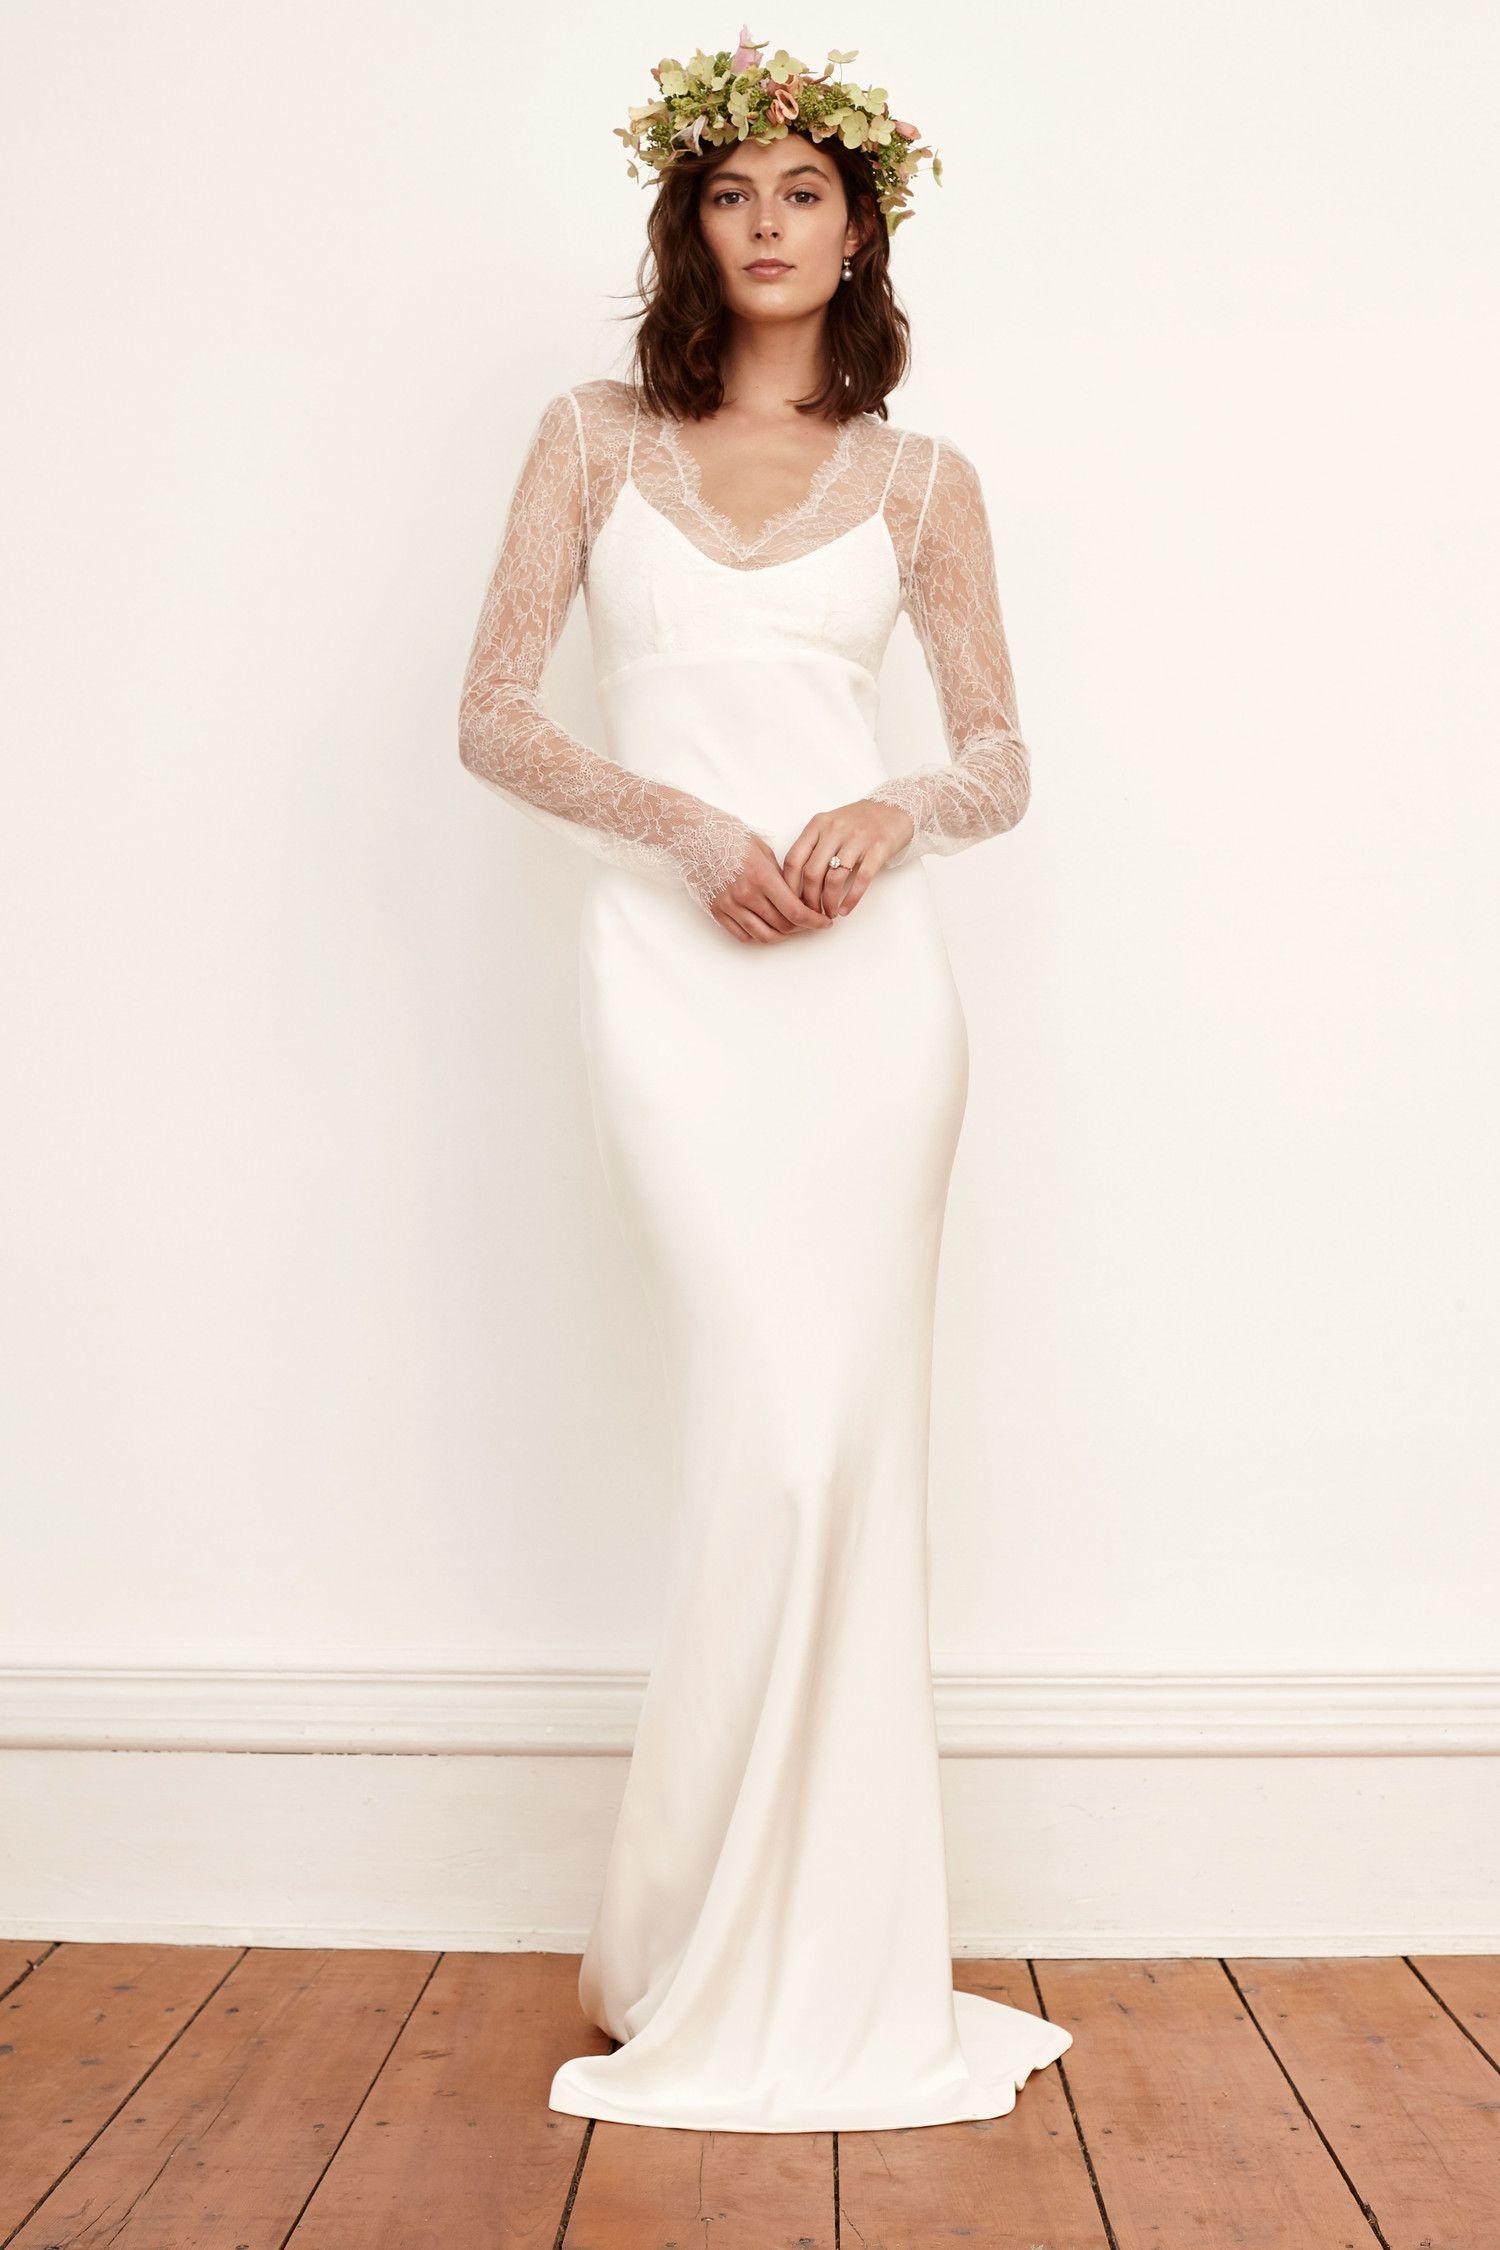 12 Style White Crinoline Petticoat Slips Underskirt A Etsy In 2020 Wedding Skirt Petticoat For Wedding Dress Wedding Dress Petticoat